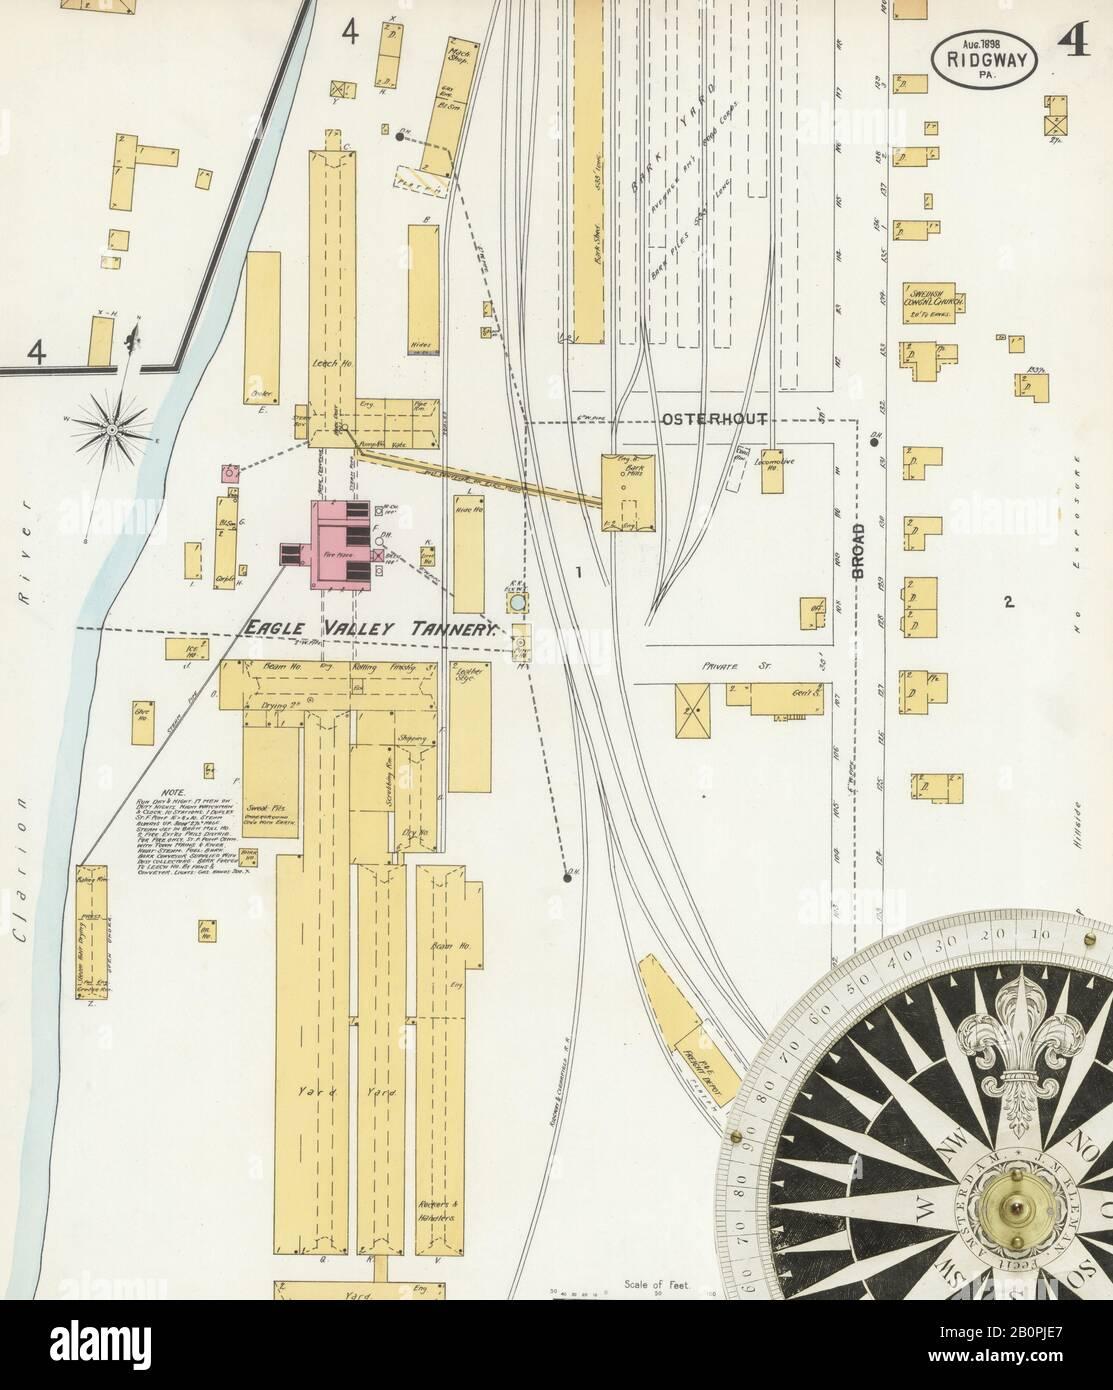 Immagine 4 Della Mappa Sanborn Fire Insurance Di Ridgway, Elk County, Pennsylvania. Ago 1898. 6 fogli, America, mappa stradale con una bussola Del Xix Secolo Foto Stock